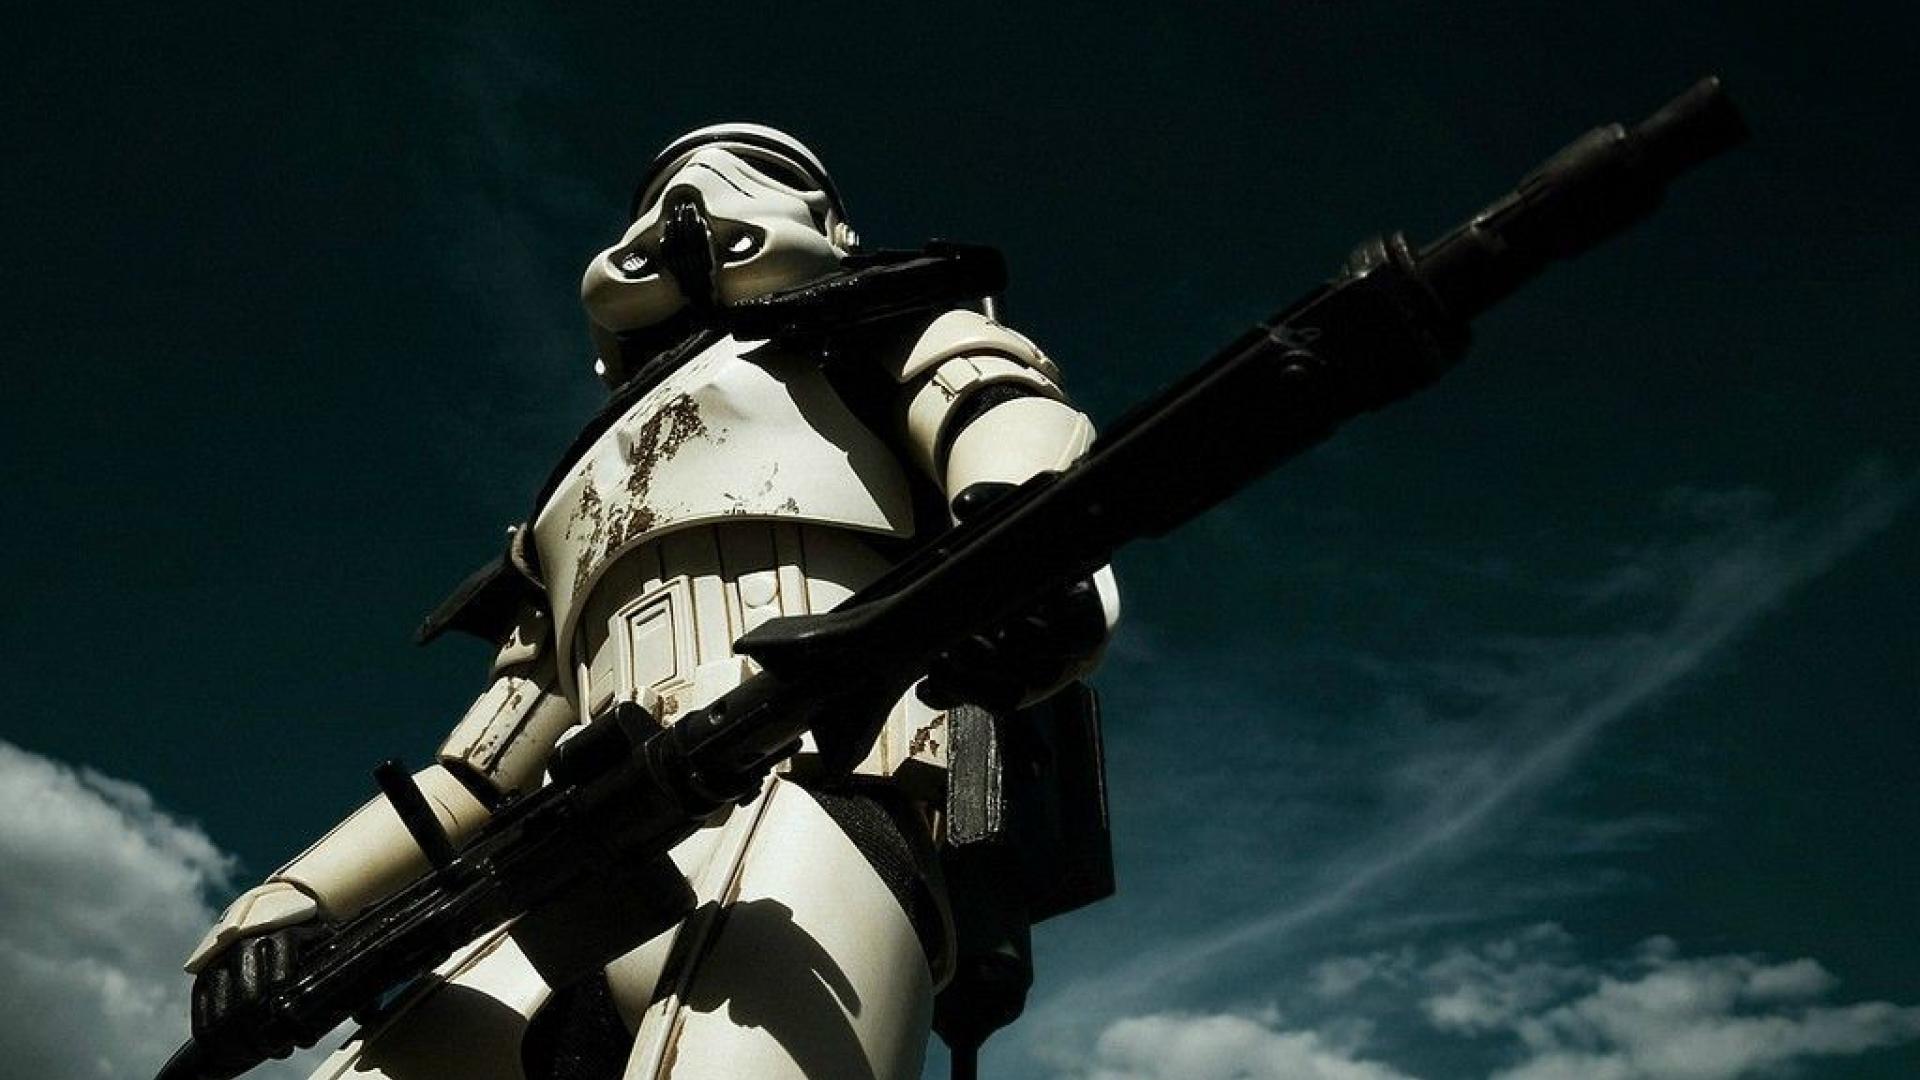 hd stormtrooper wallpaper wallpapersafari